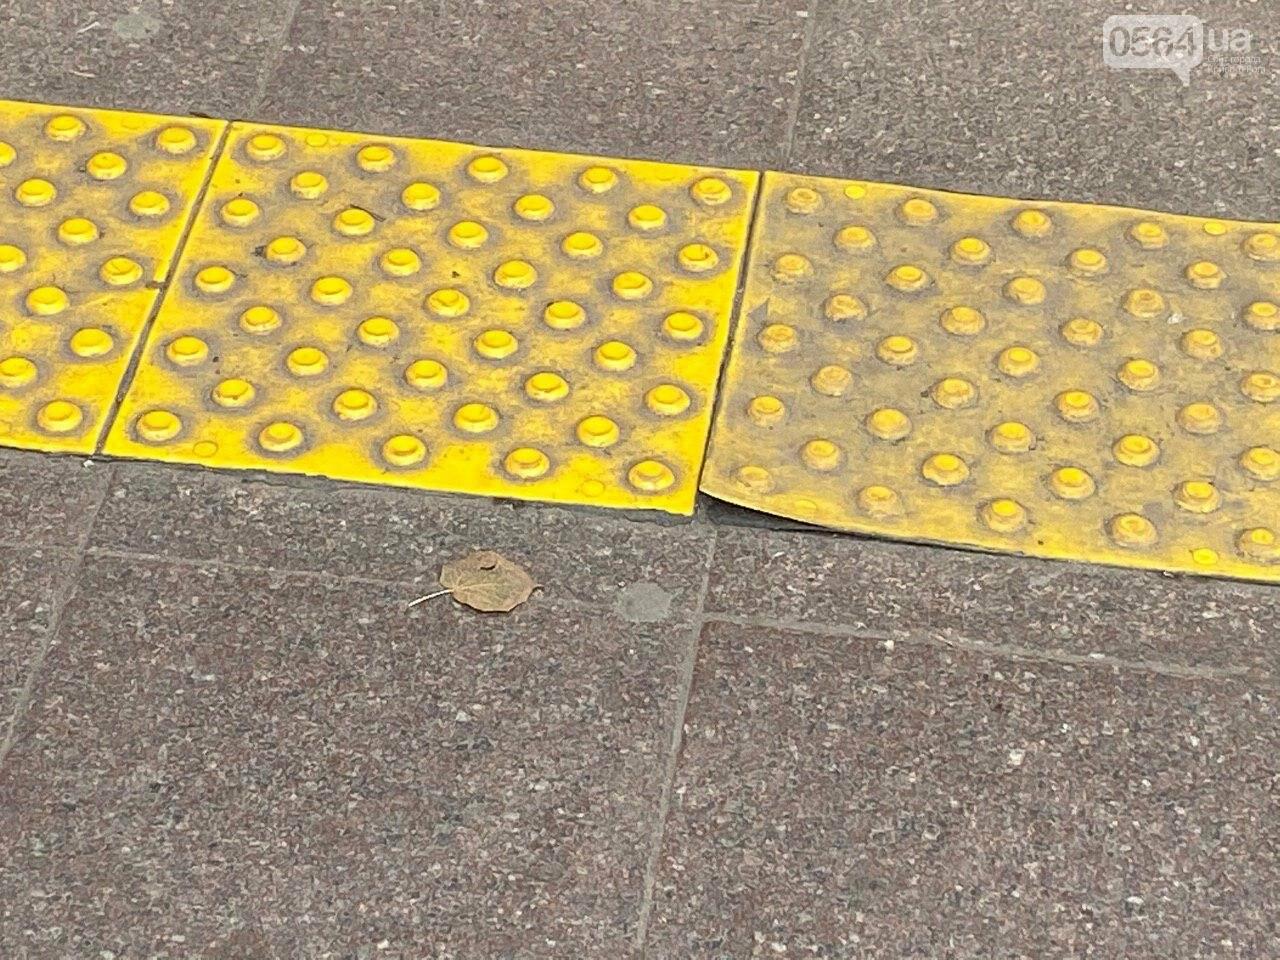 В Кривом Роге отклеилась тактильная плитка в подземном переходе, - ФОТО , фото-11